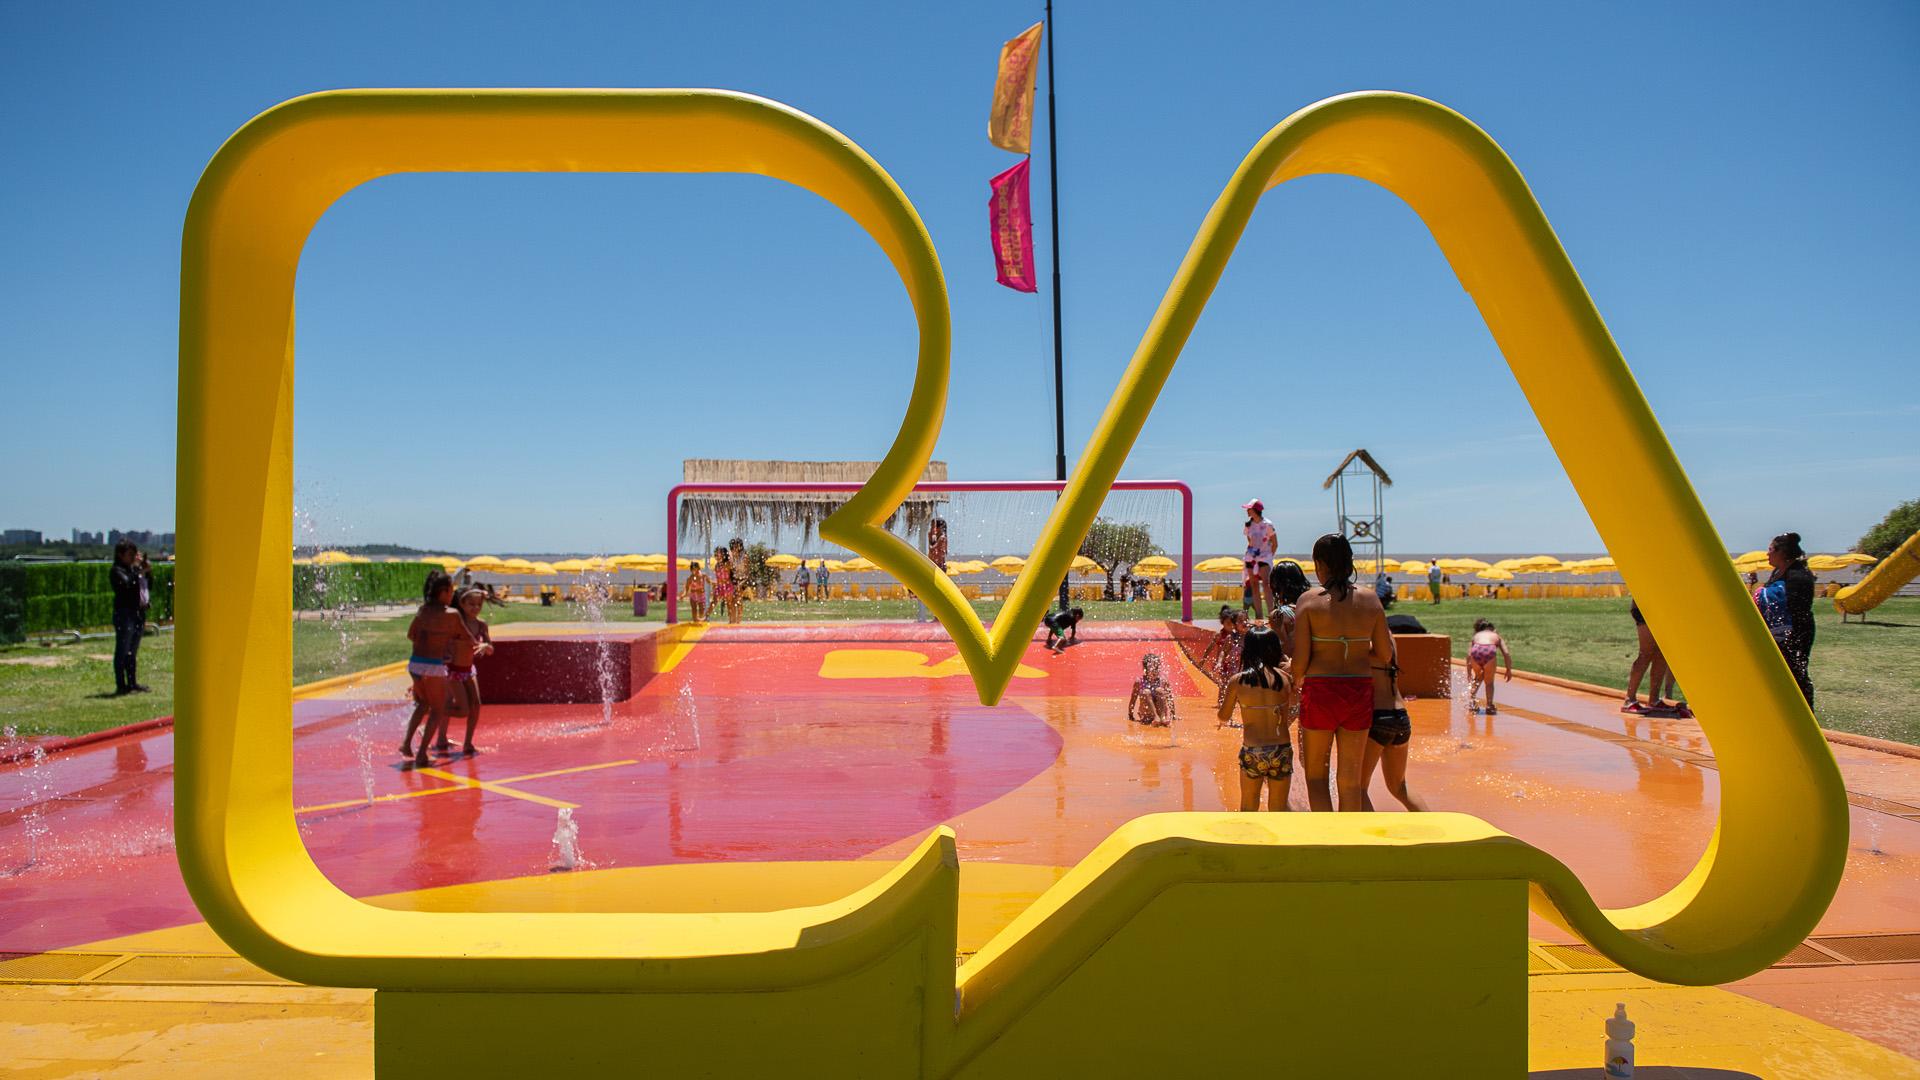 Las instalaciones cuentan con arena, sombrillas, reposeras, duchas, juegos con agua, inflables para chicos de distintas edades